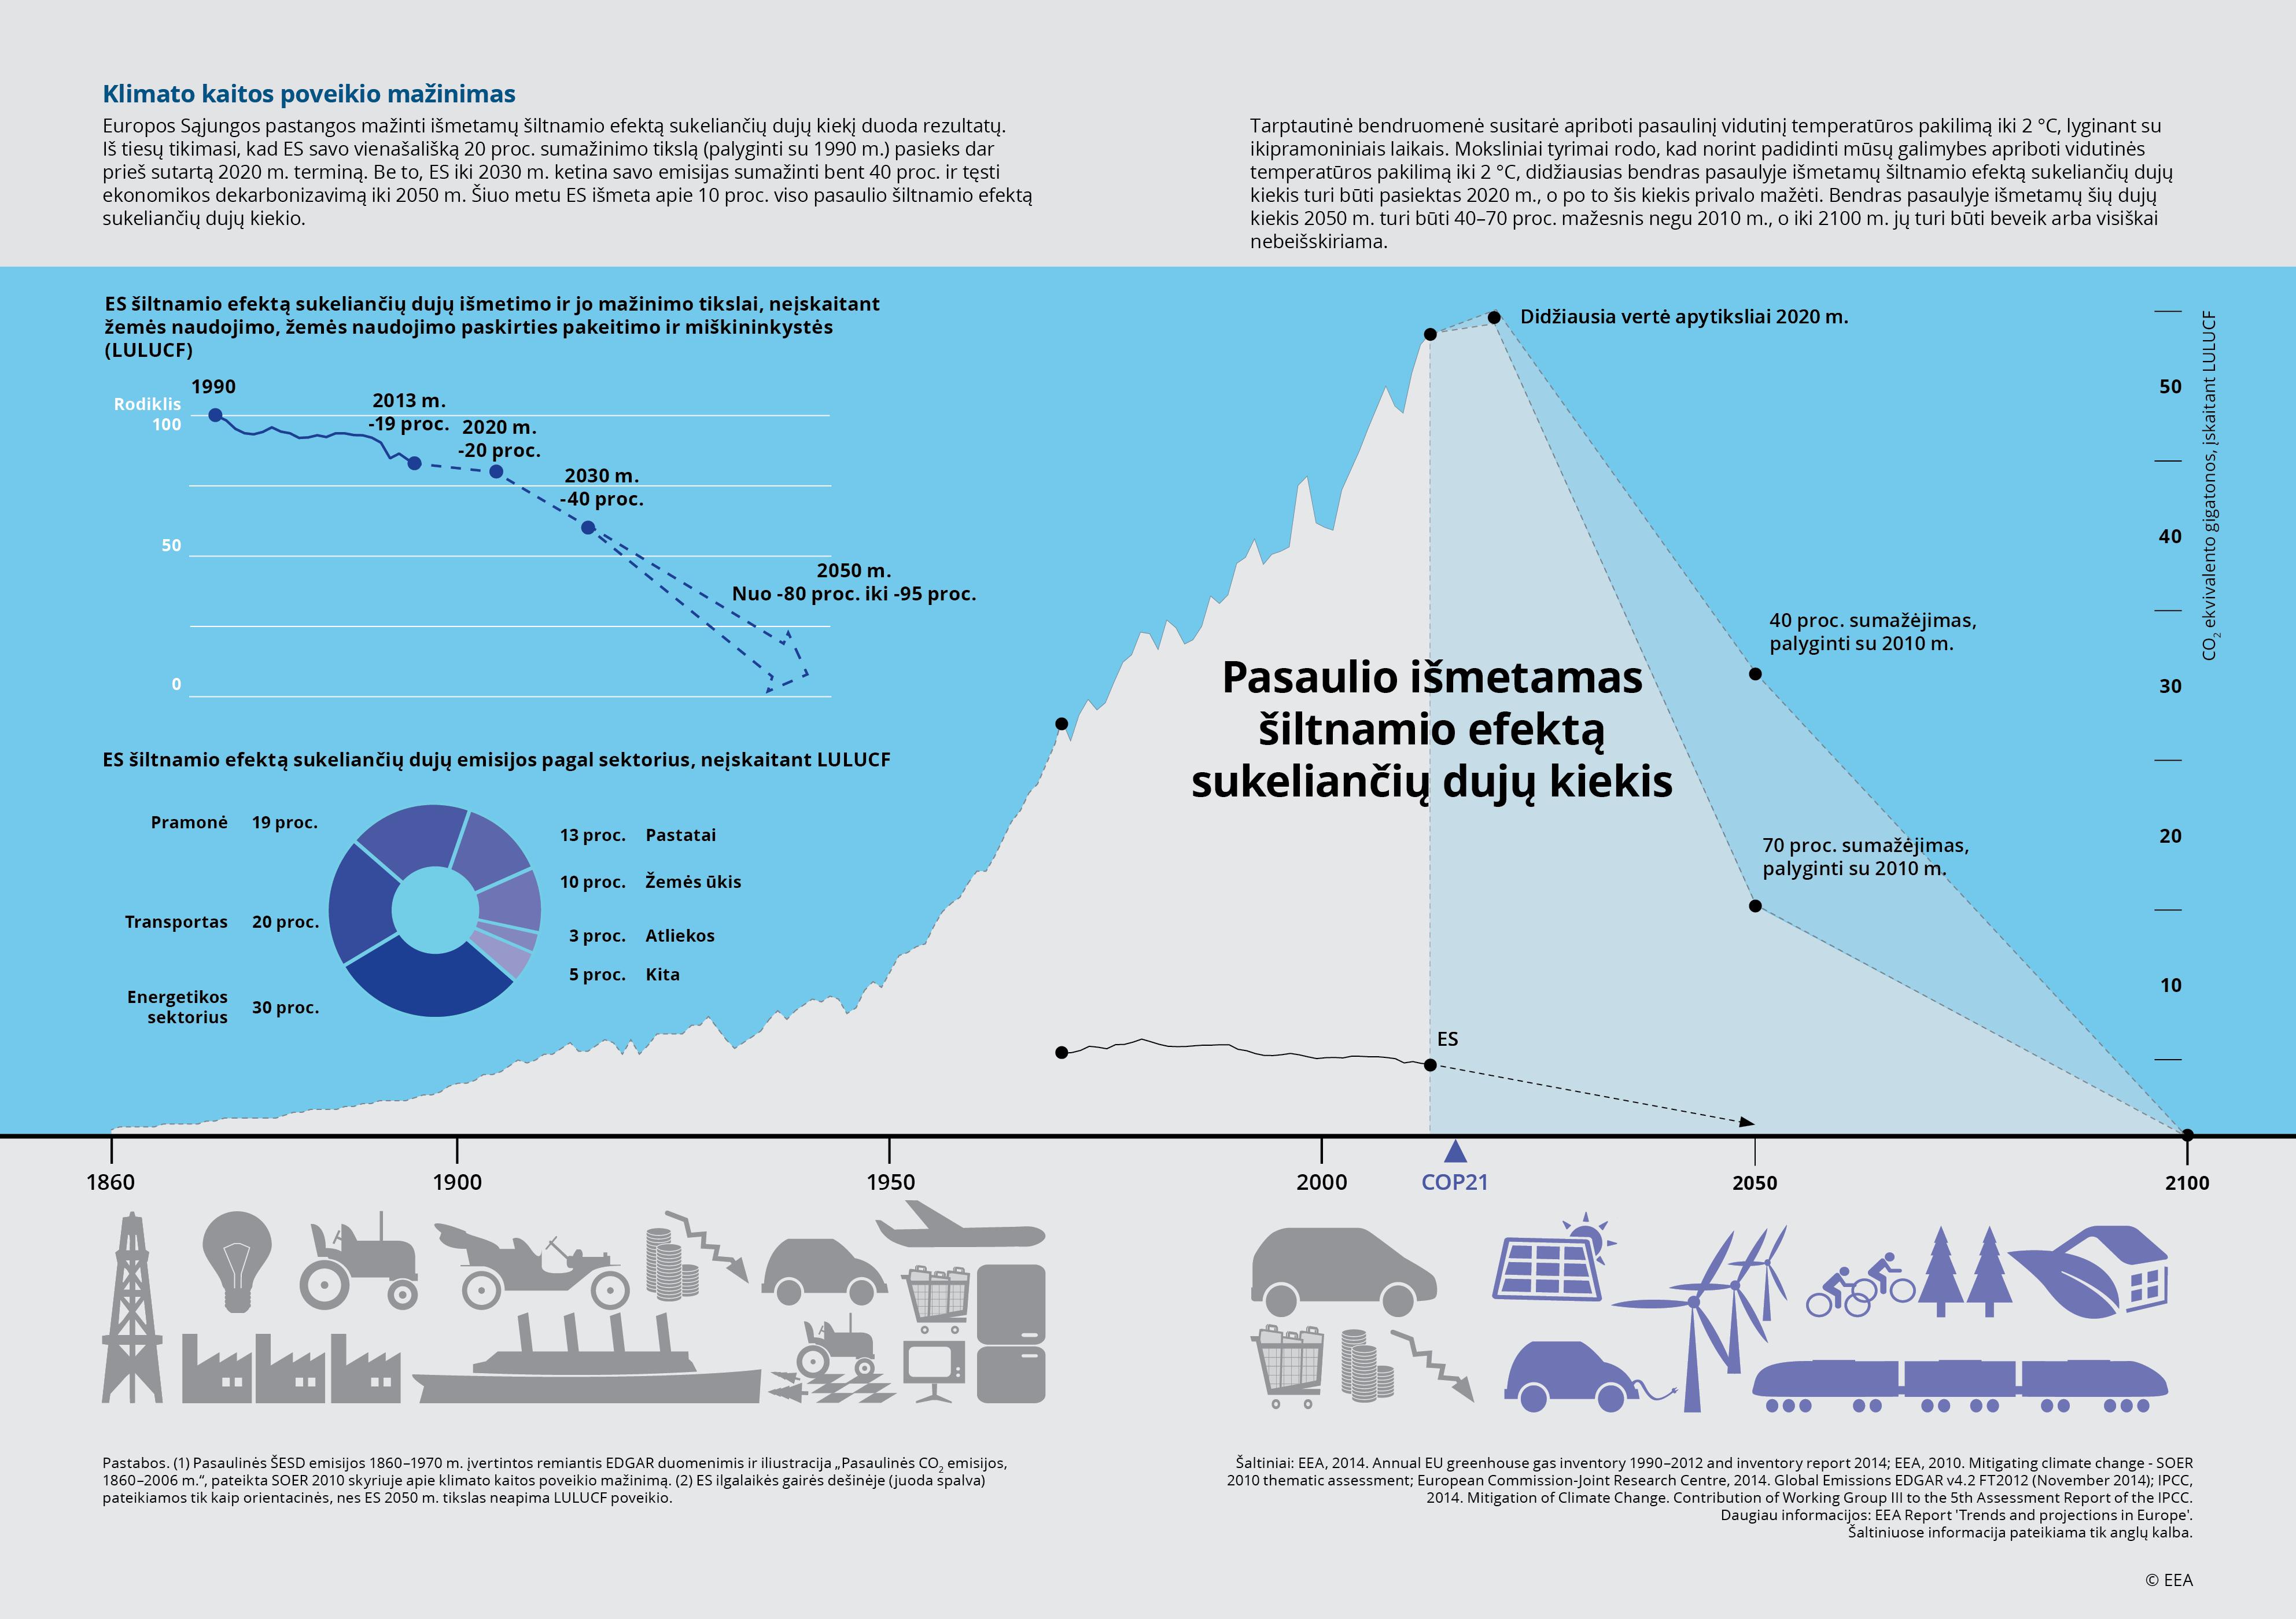 Klimato kaitos poveikio mažinimas